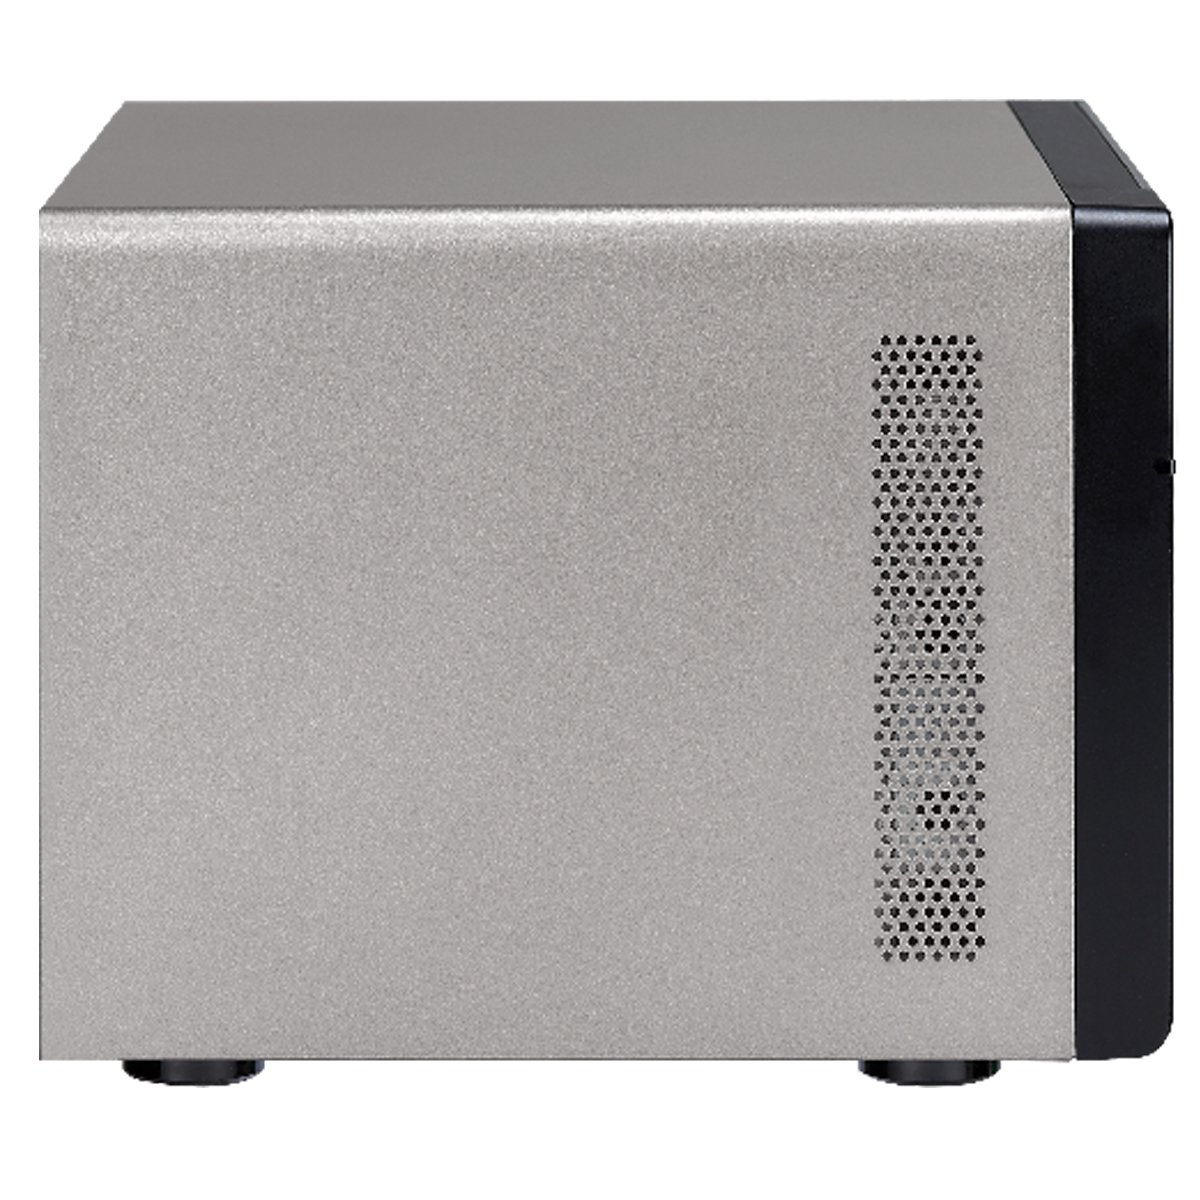 QNAP TVS-871 Ethernet Torre Negro NAS - Unidad Raid (HDD+SSD, Unidad de Disco Duro, SSD, Serial ATA II,Serial ATA III, 2.5/3.5